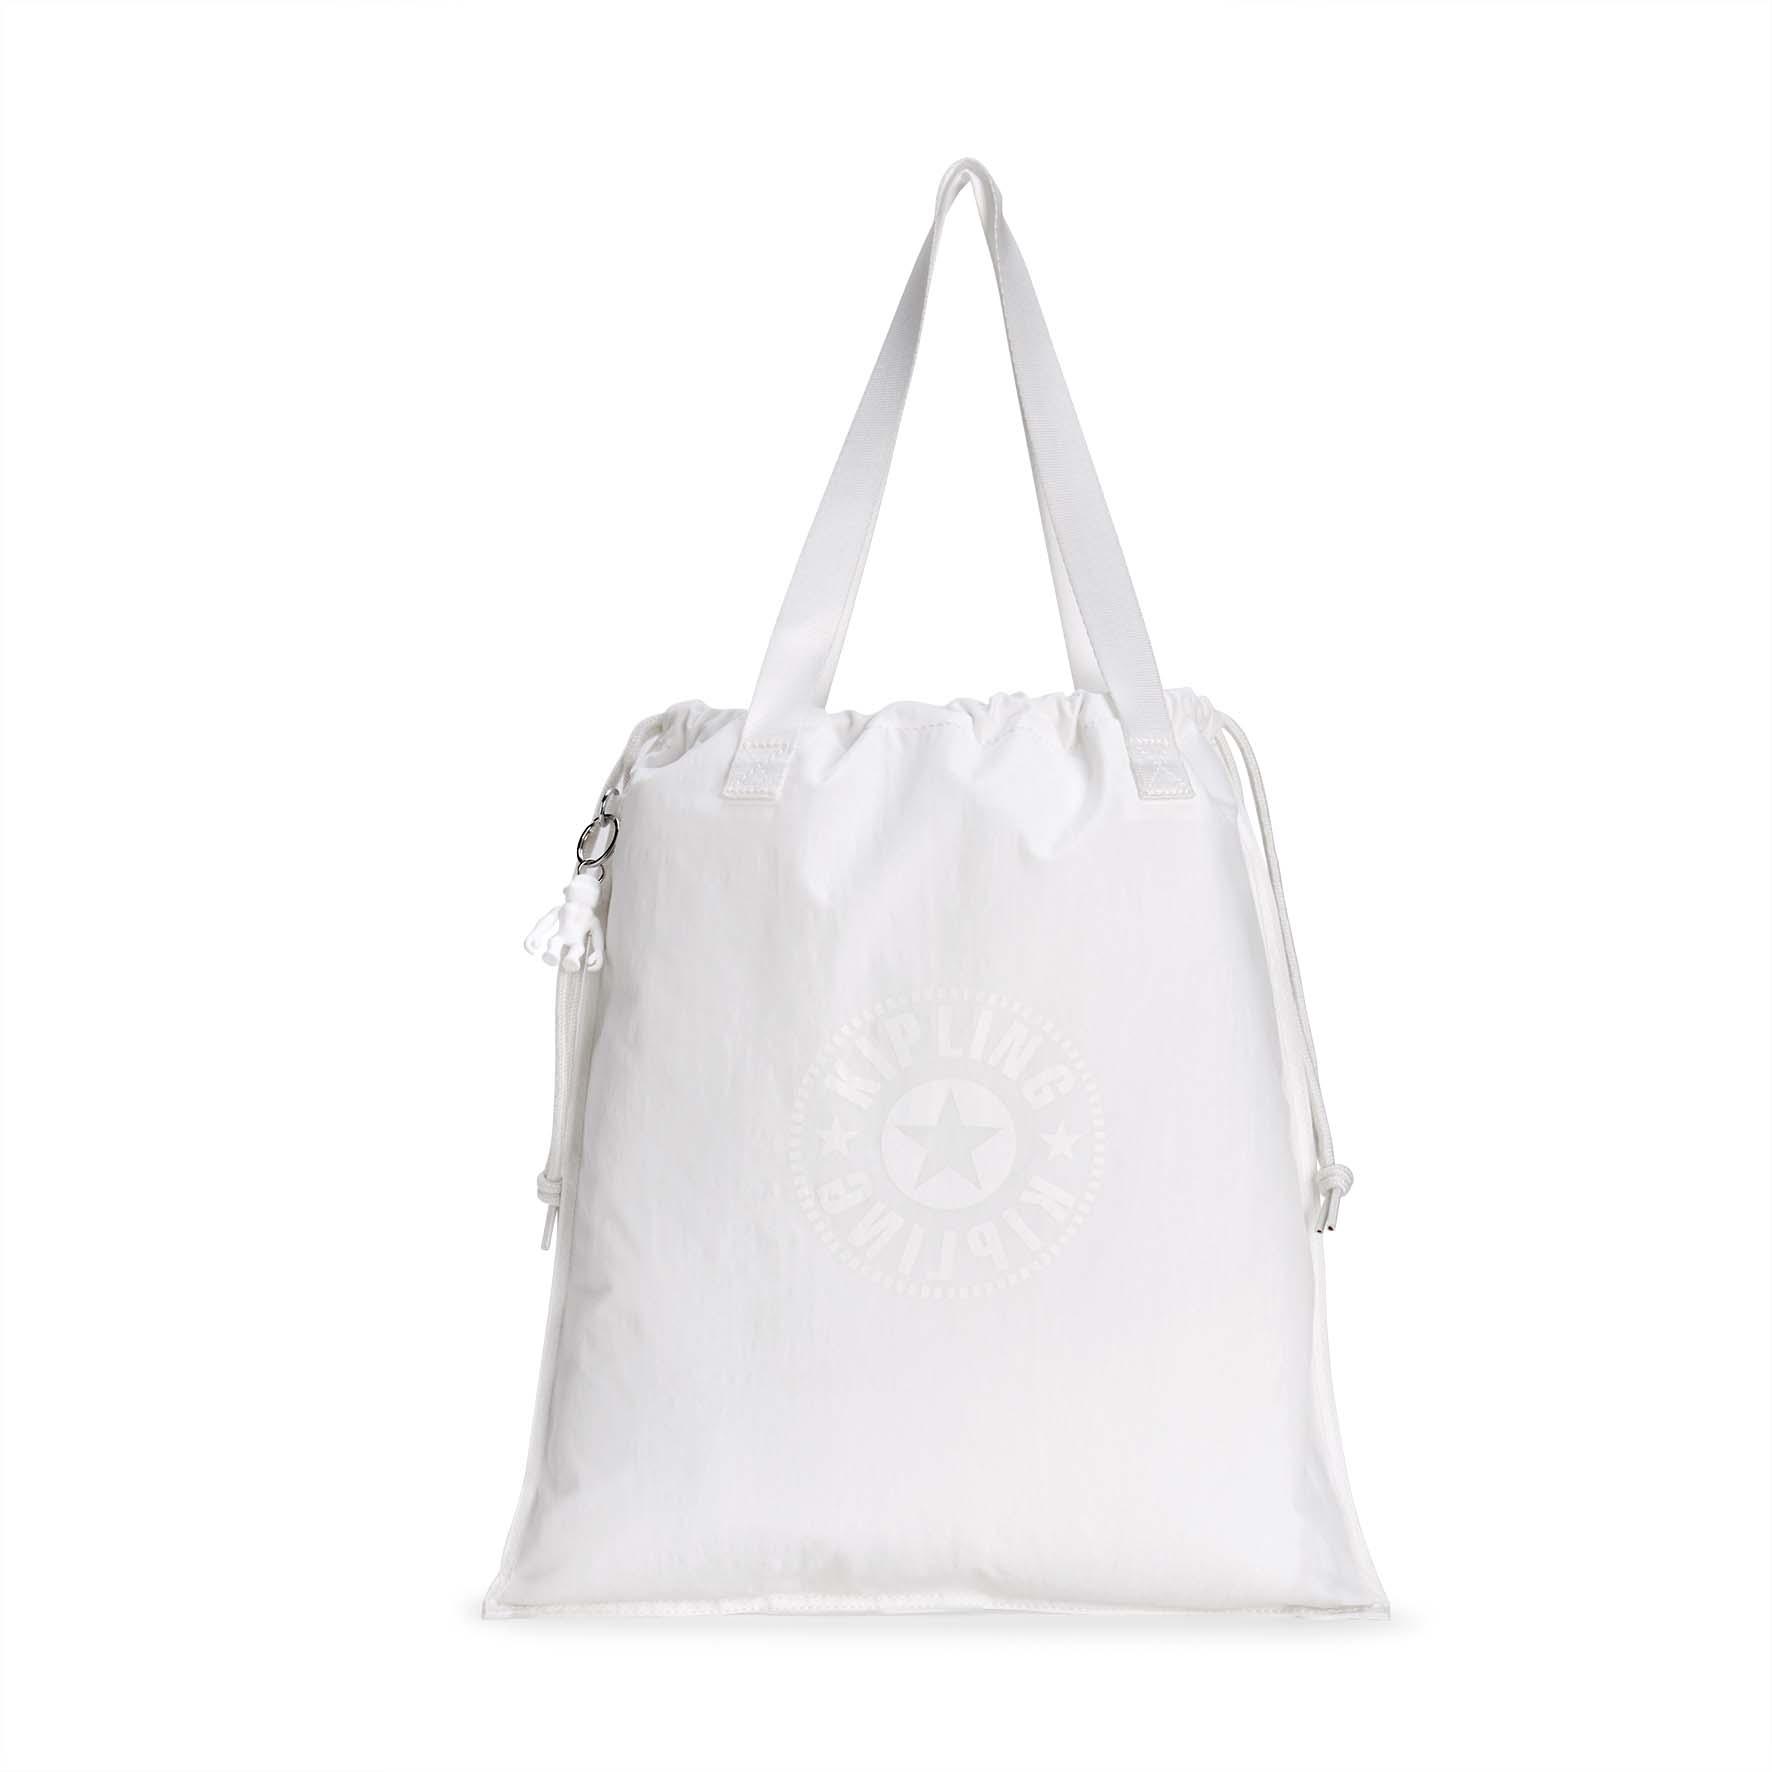 תיק שק New Hiphurray - Lively White לבן תוסס